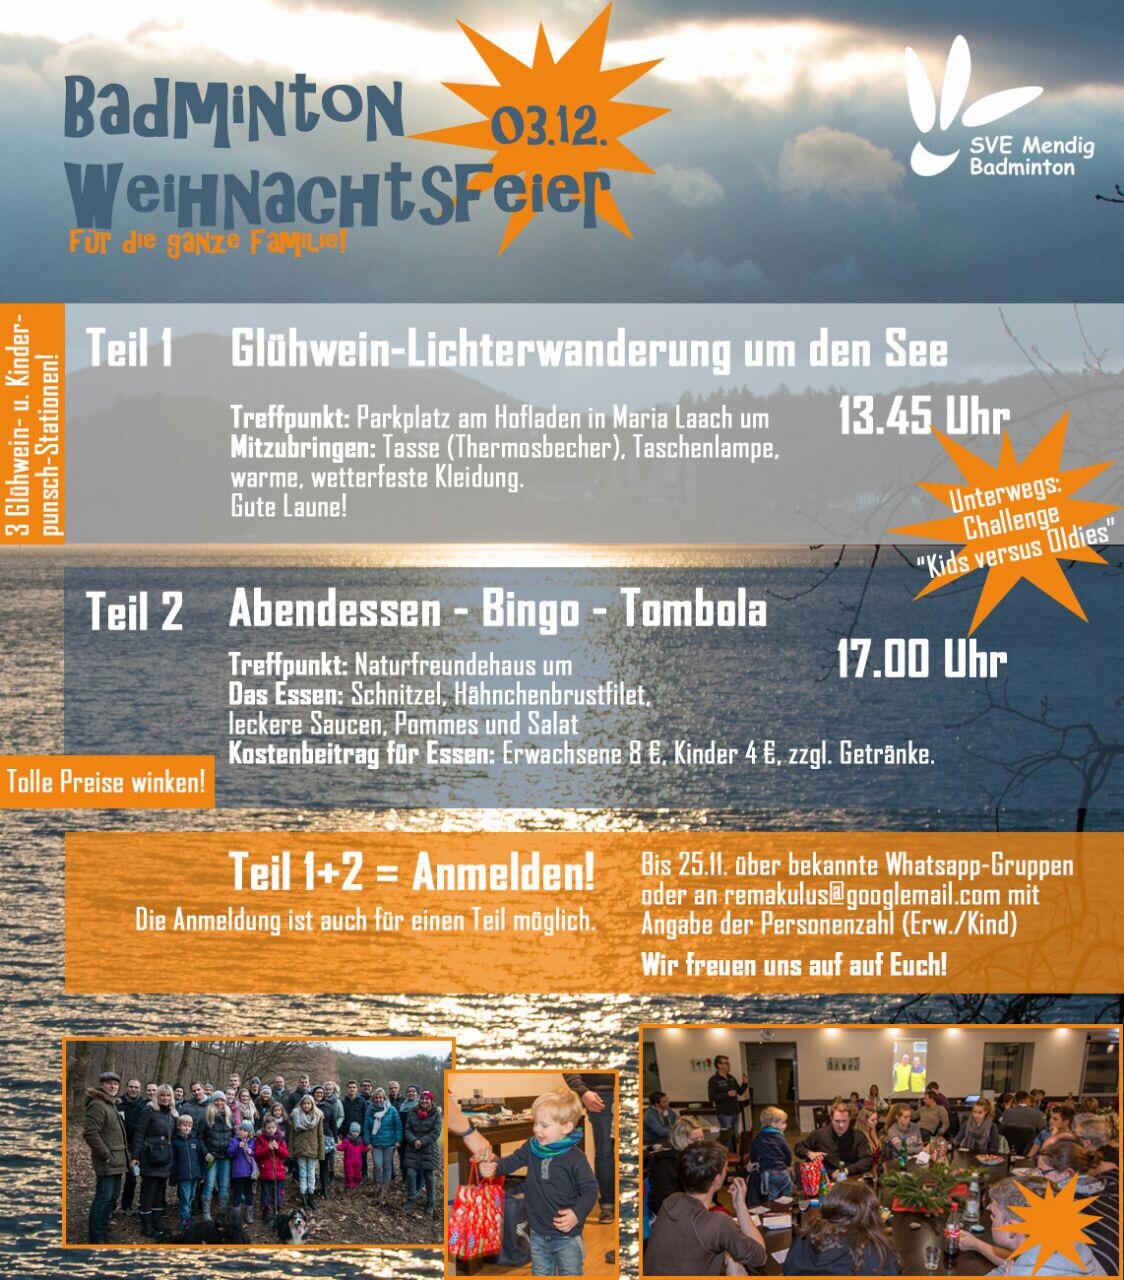 Weihnachtsfeier 2017 | SVE-Mendig Badminton